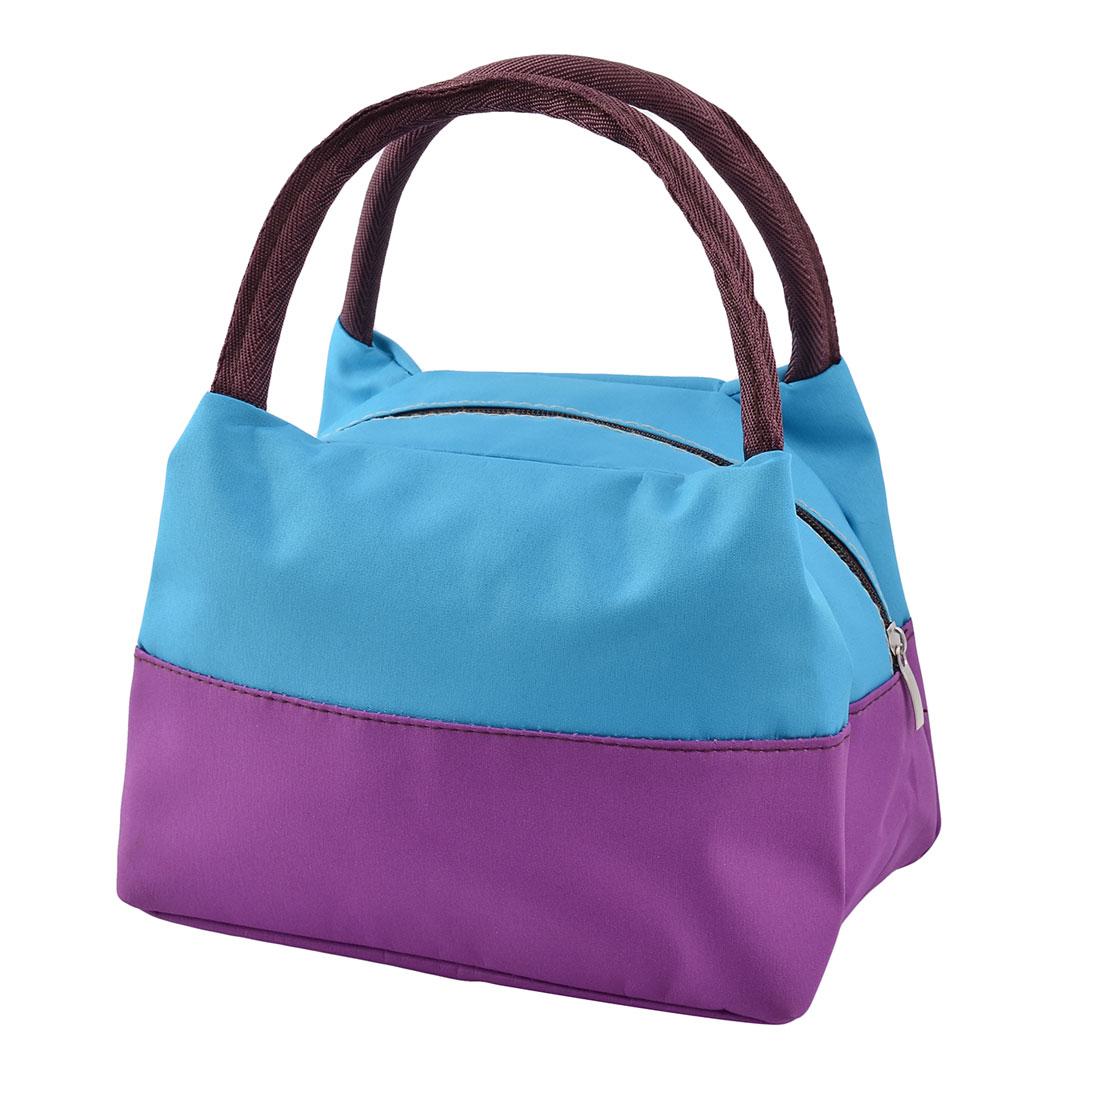 Oxford Cloth Zipper Closure Picnic Lunch Carry Tote Cooler Bag Dark Purple Blue